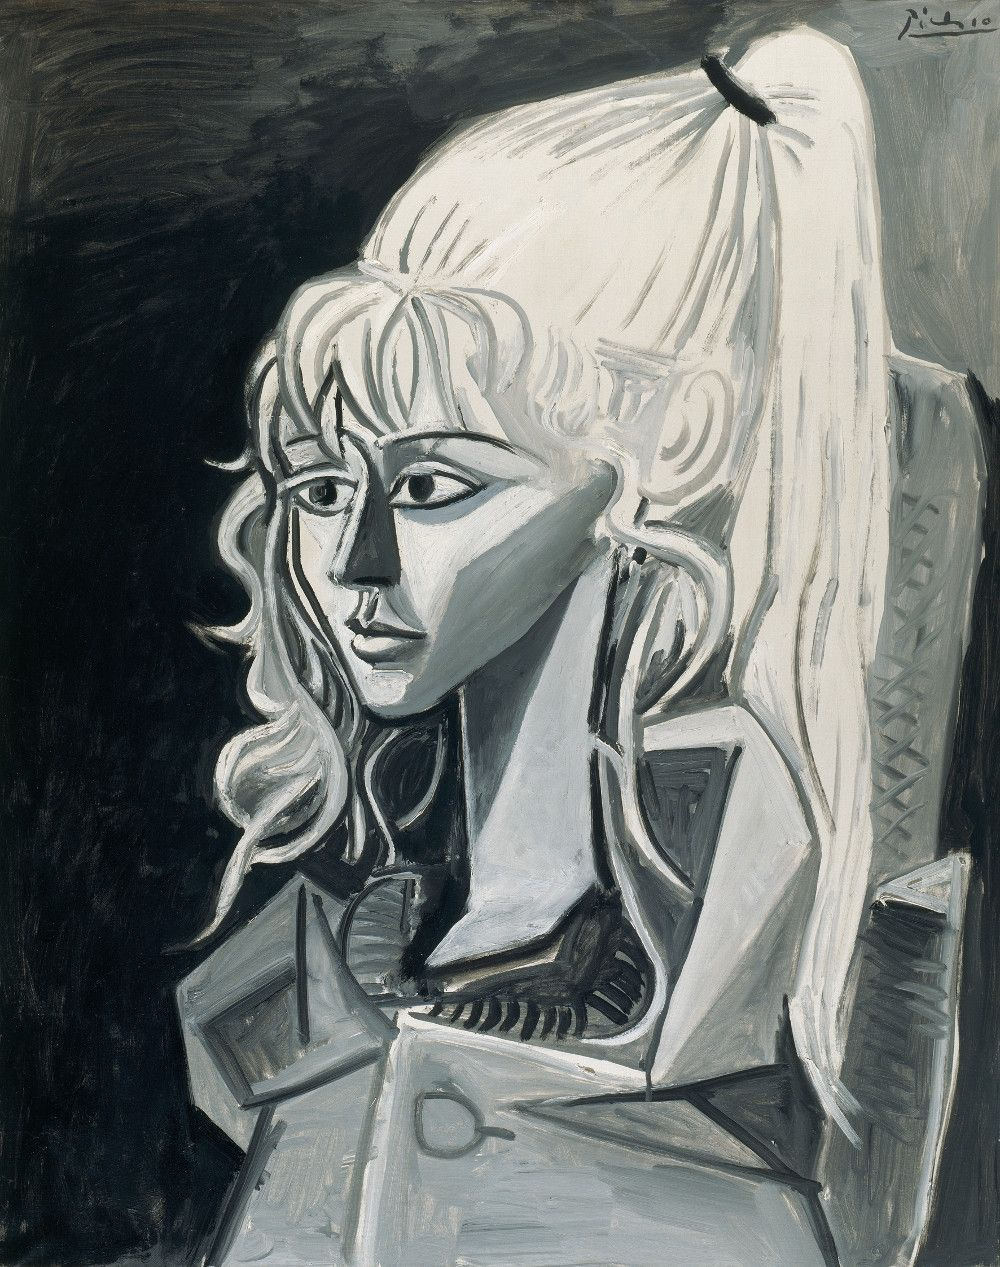 'Sylvette', 1954 - Pablo Picasso